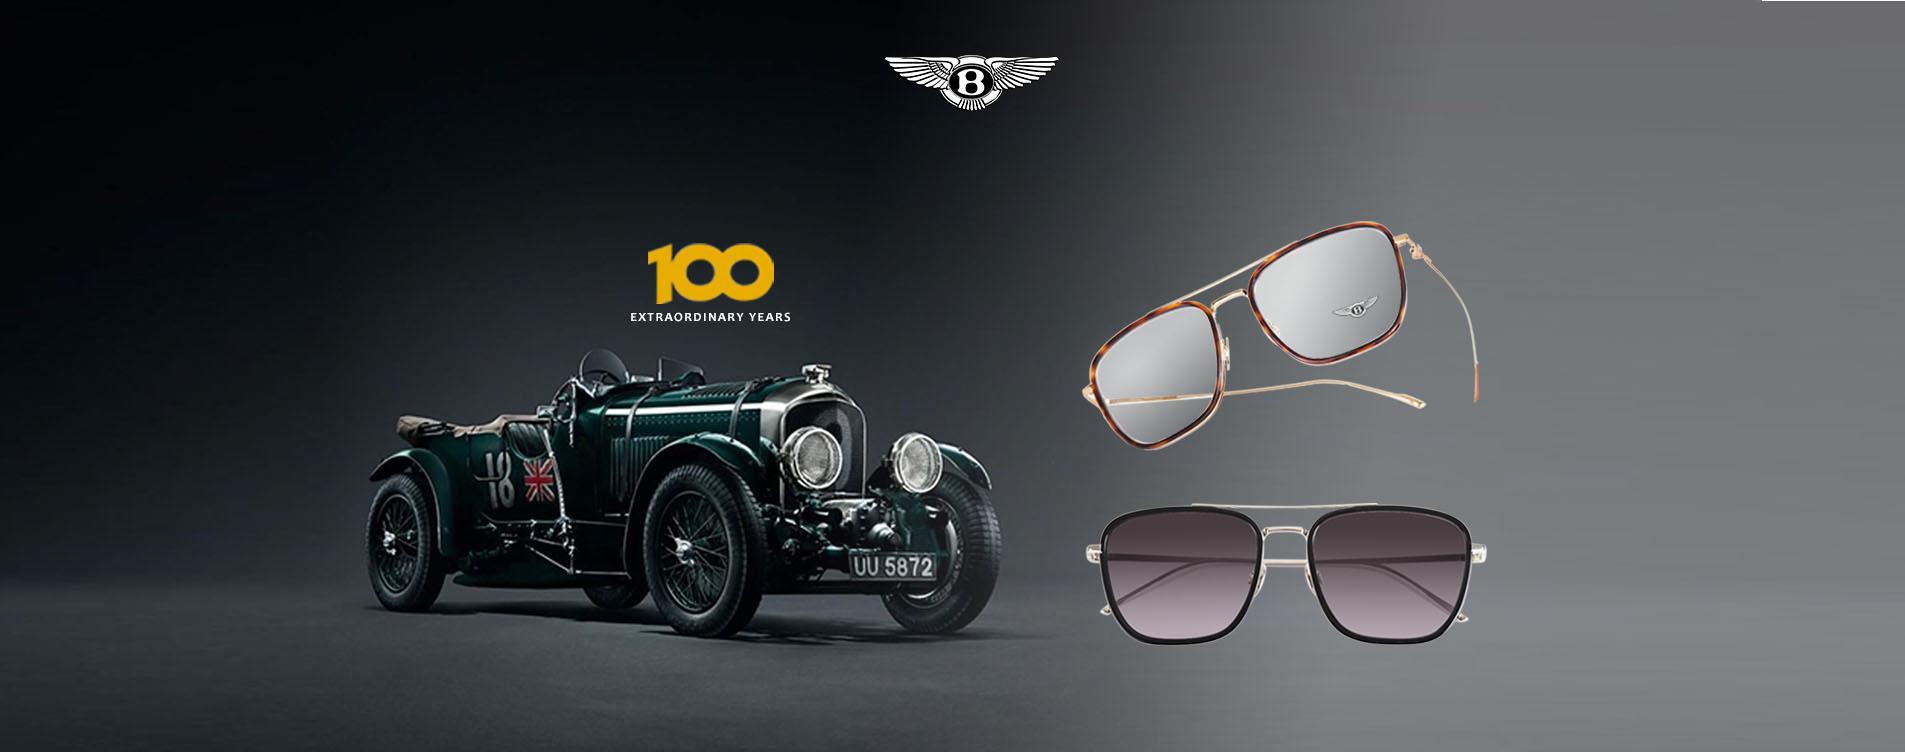 賓利汽車100週年